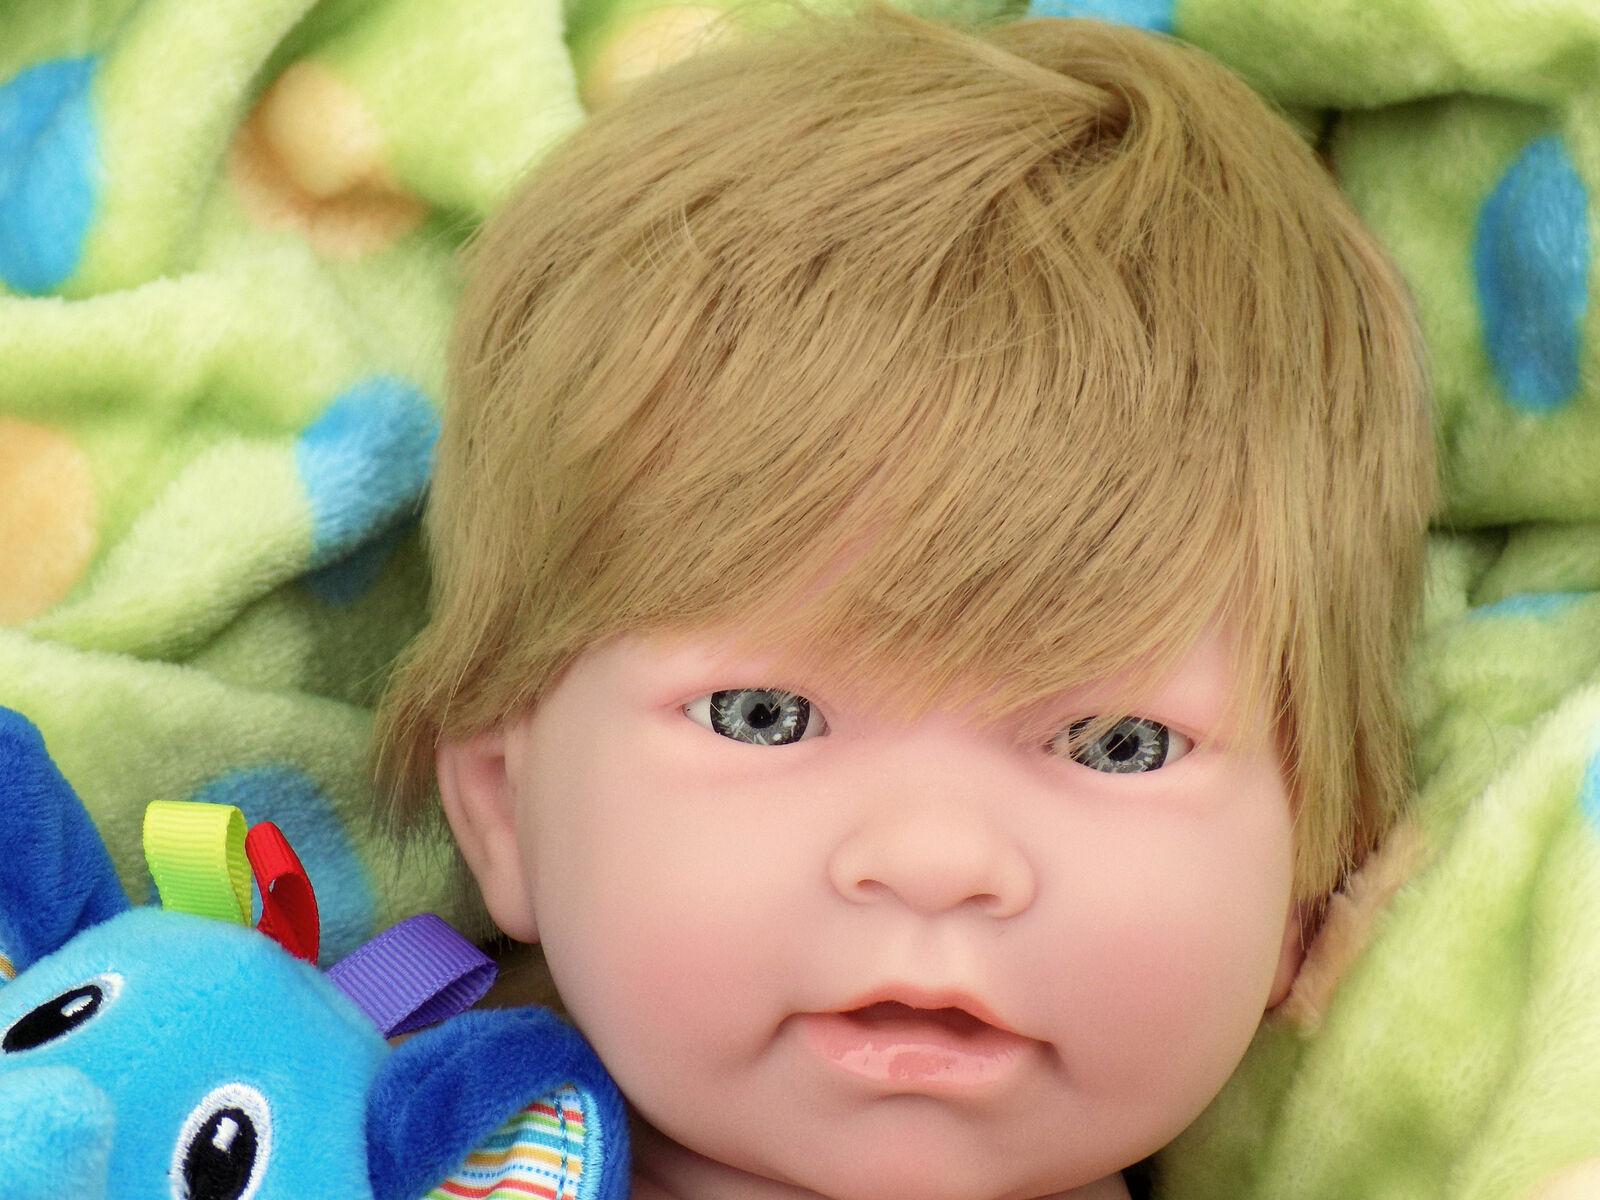 Bambino autoino Biondo Bambola 17   Berenguer Alive Neonato  Reborn Morbido Vinile  edizione limitata